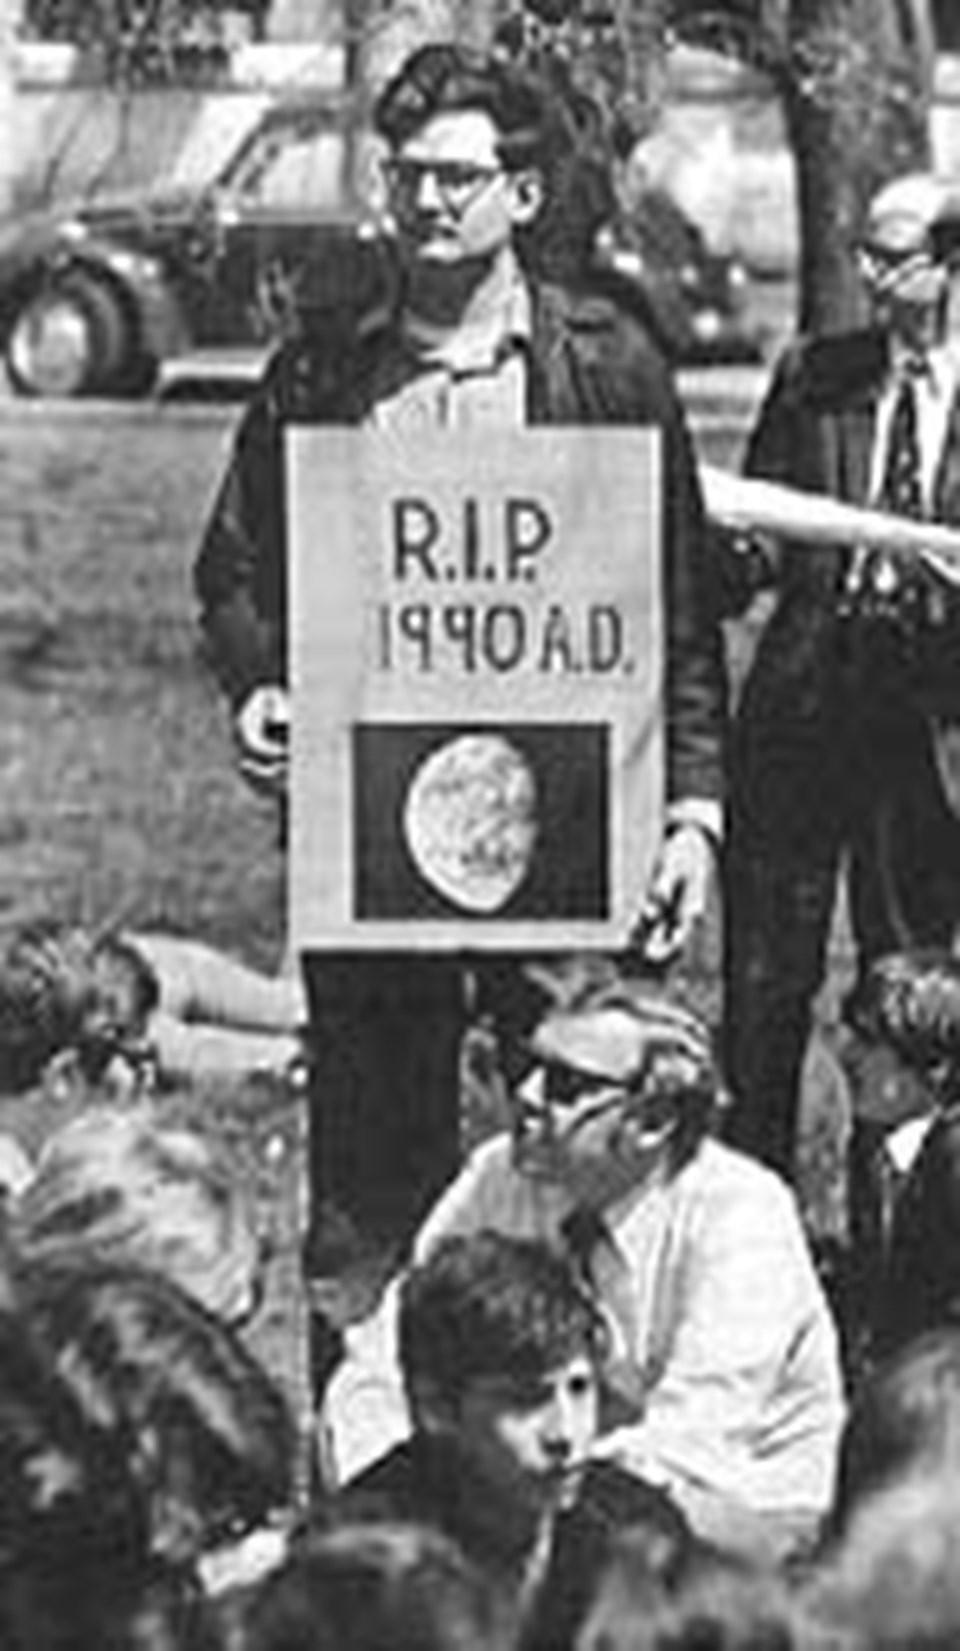 1970'deki Dünya Günü'nden bir kare